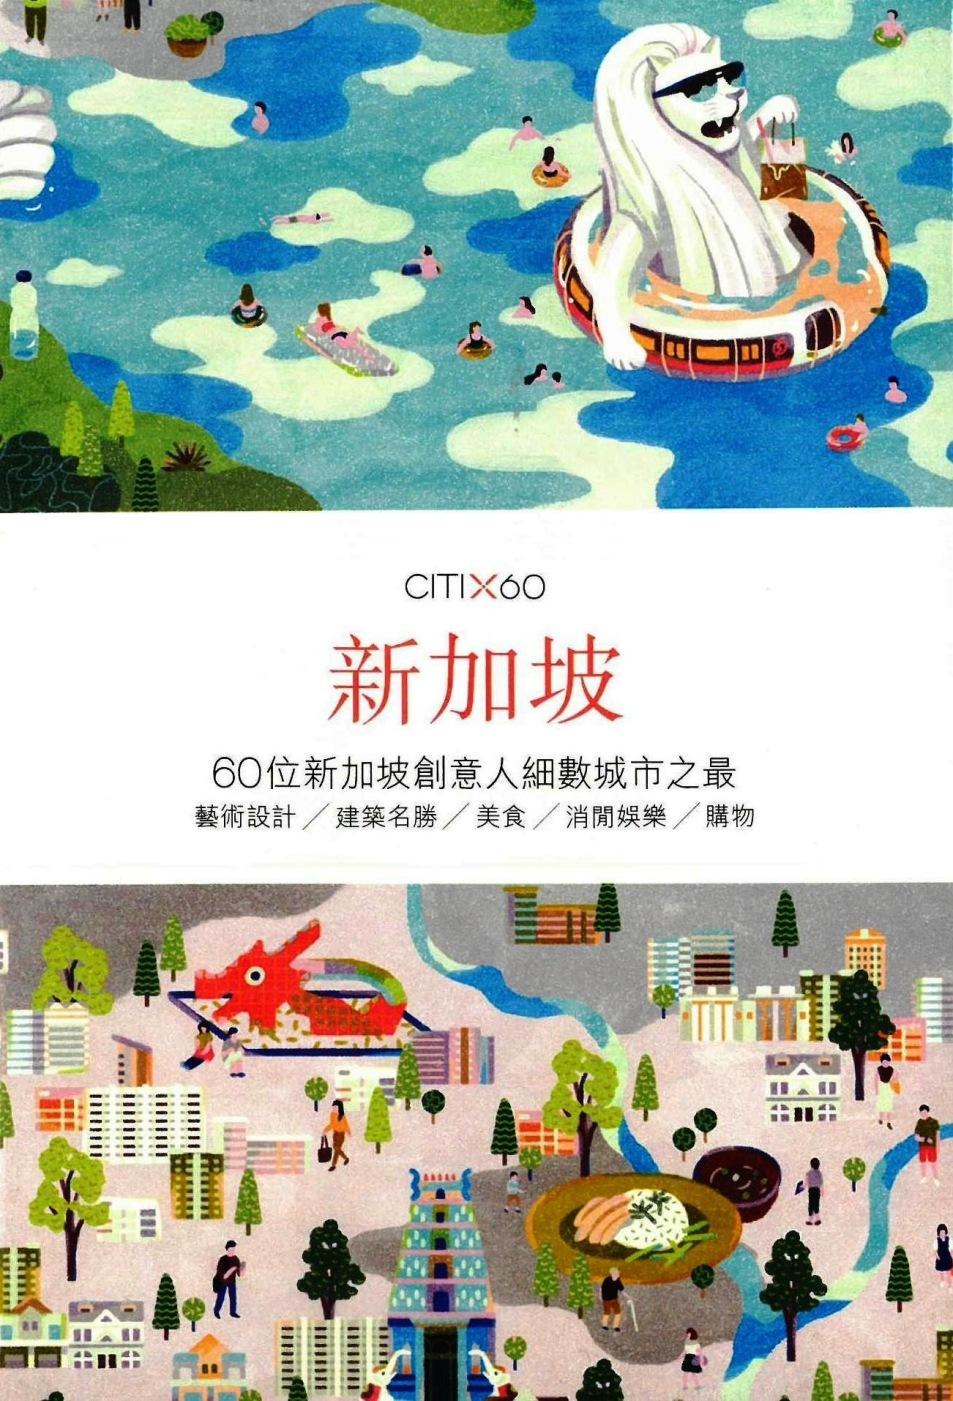 CITIx60:新加坡